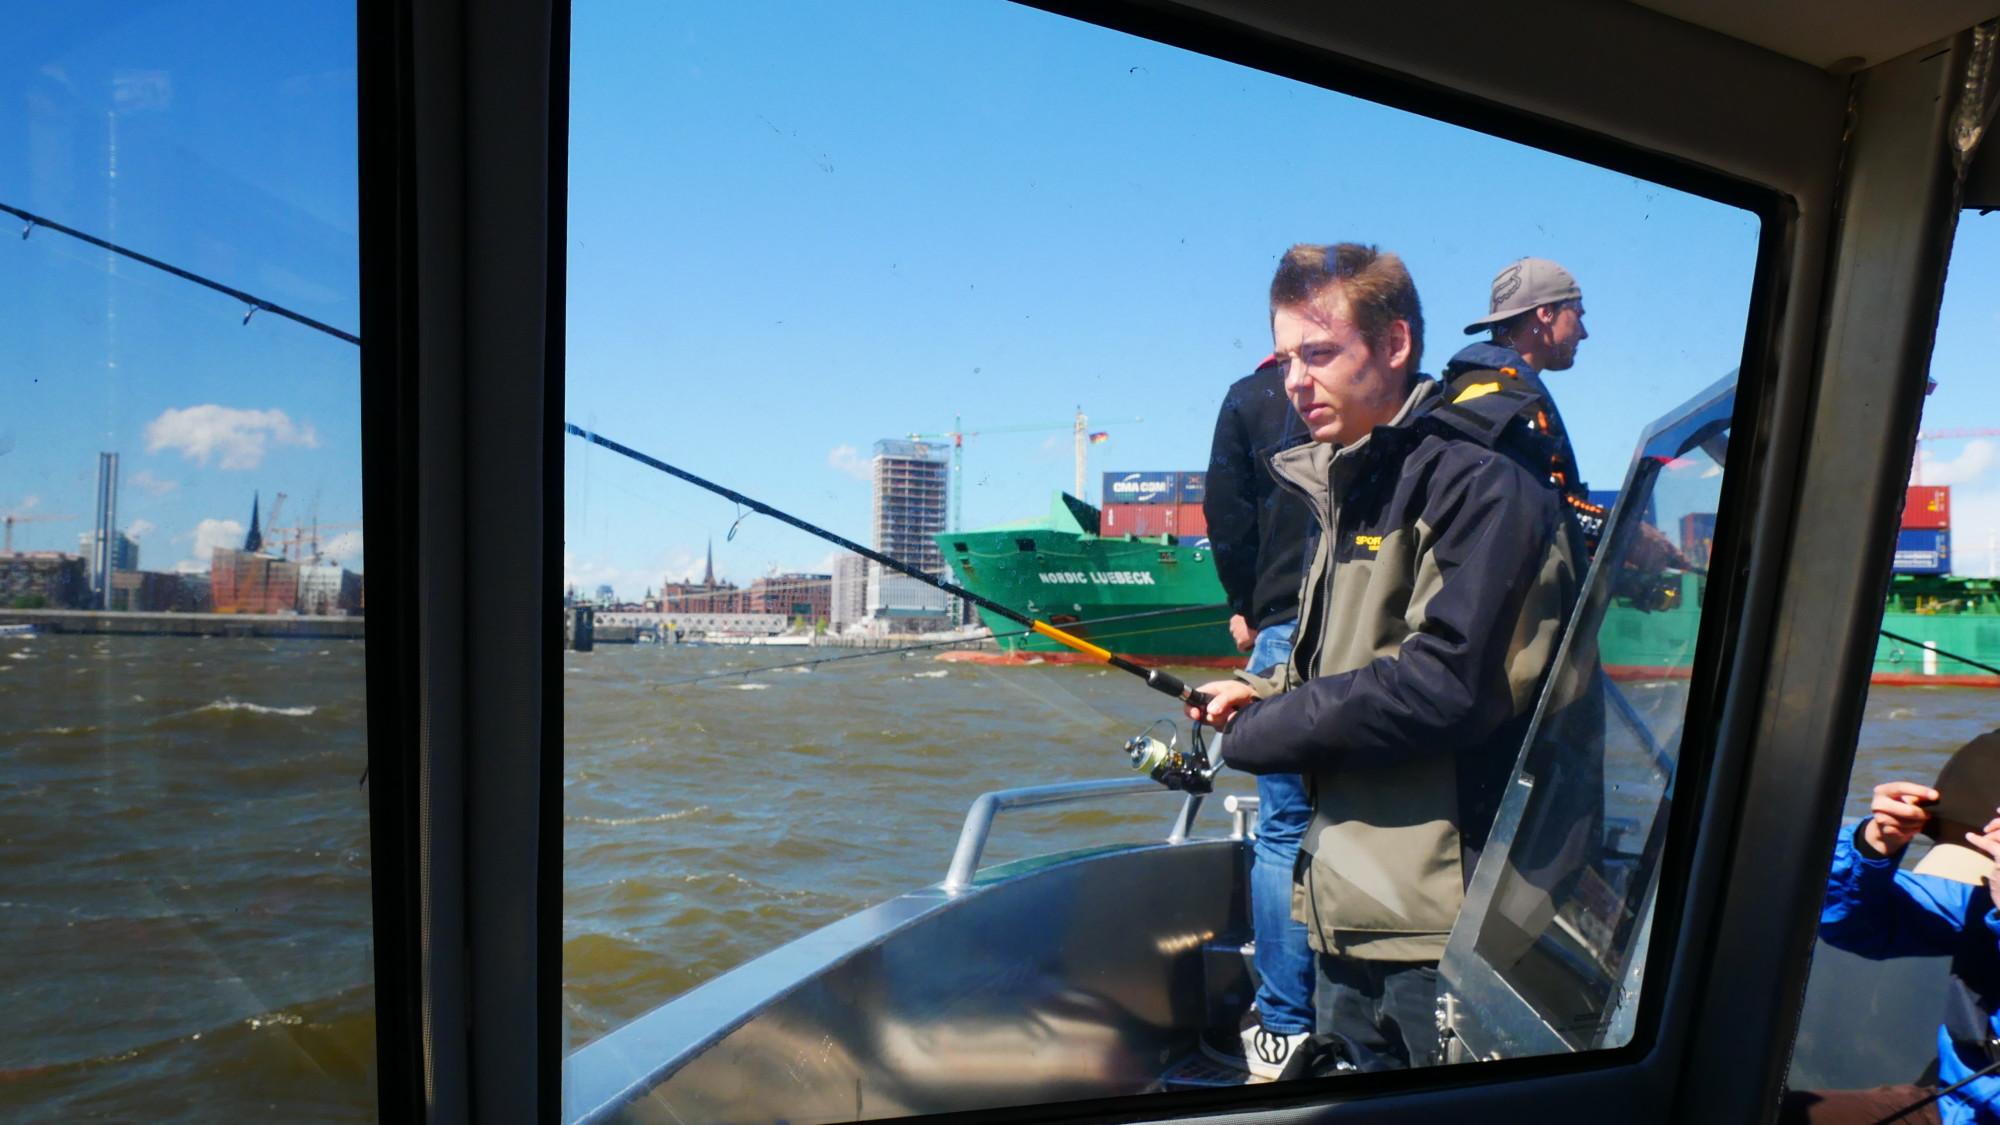 Trotz bester Wetterbedingungen, waren die Fische im Hamburger Hafen nicht in bester Beißlaune. Fischkopp Fritjof setzte dennoch alles daran, einen Elb-Räuber an den Haken zu bekommen. Foto: Fischköppe